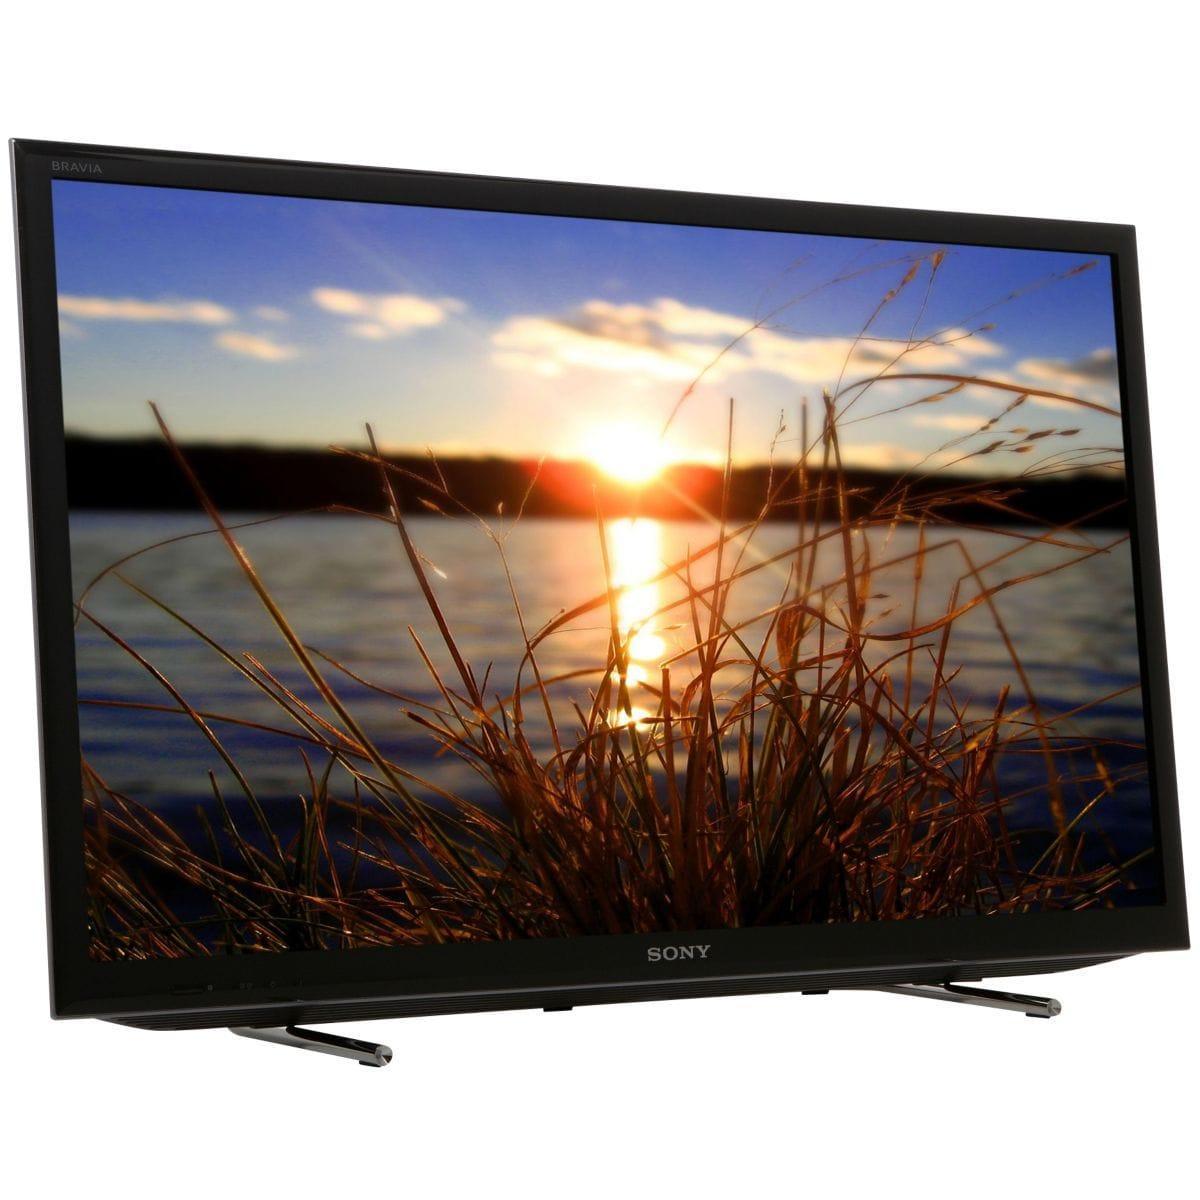 Smart TV LED Full HD 102 cm Sony KDL40EX650BAE2